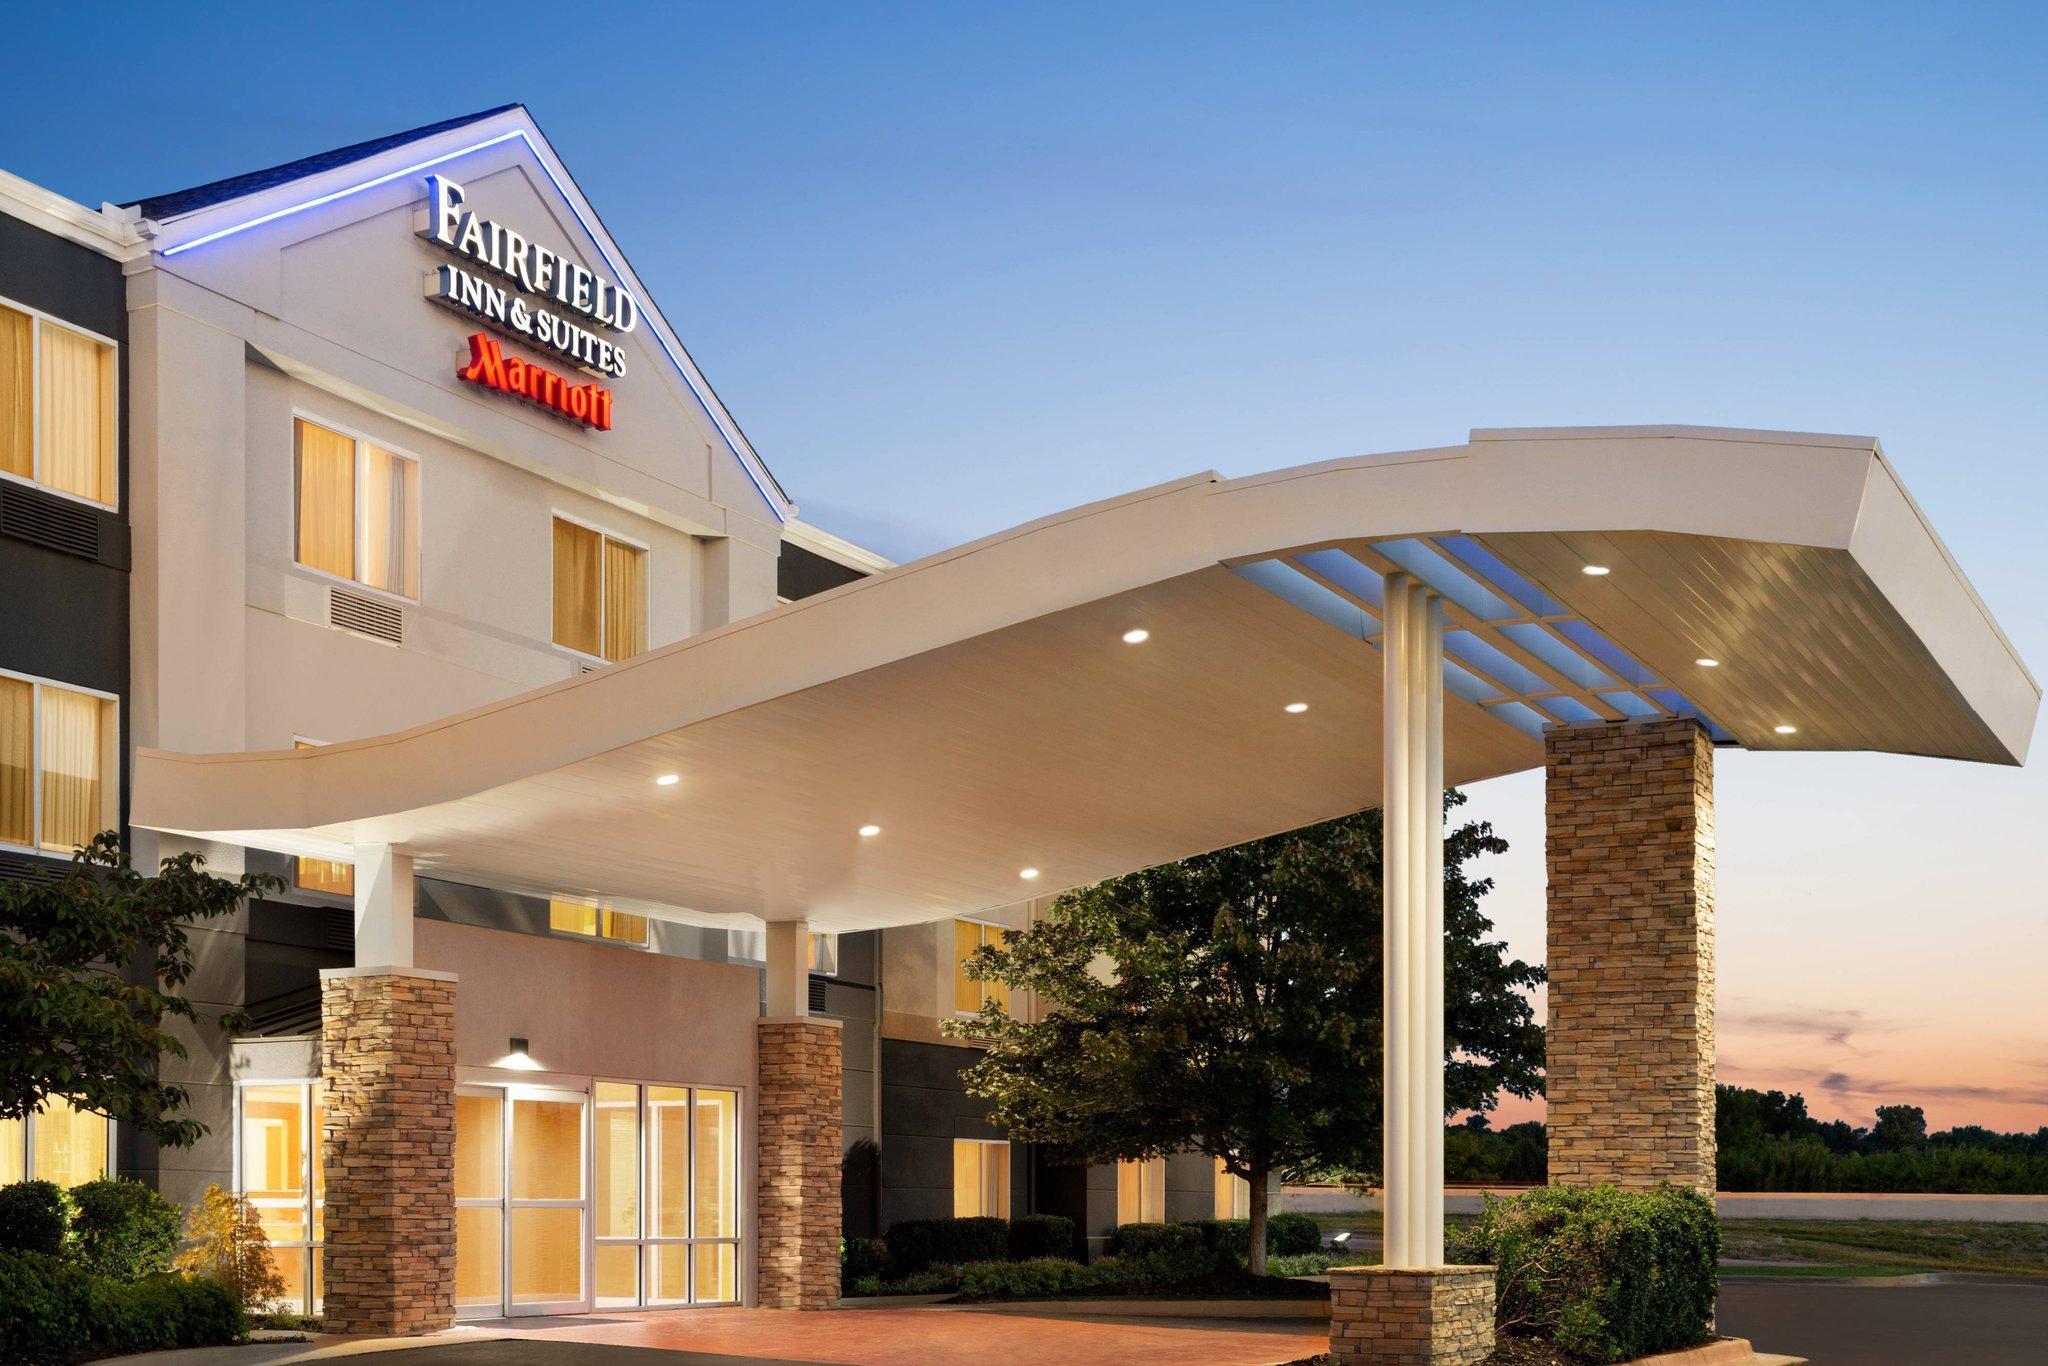 Fairfield Inn And Suites Tulsa Central